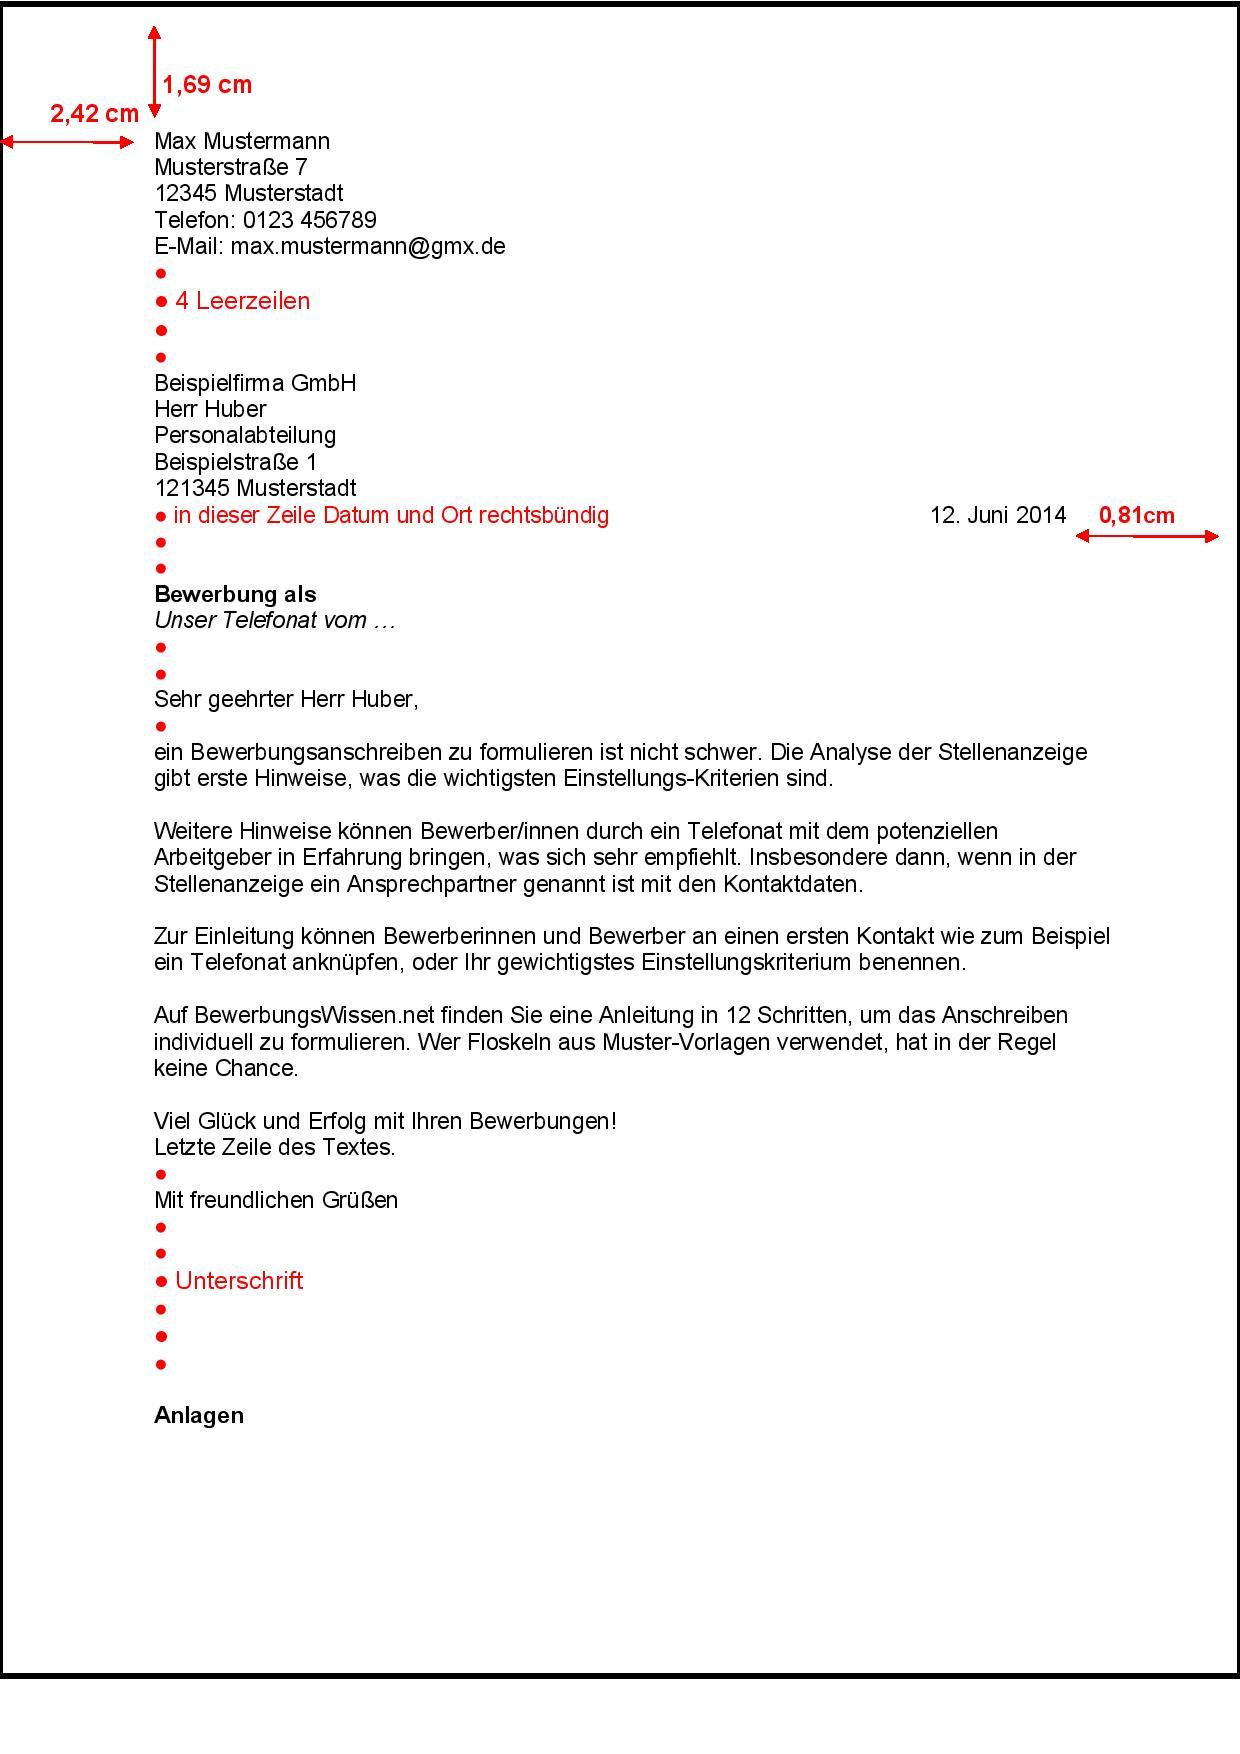 Das Layout des Bewerbungsschreibens nach DIN 5008